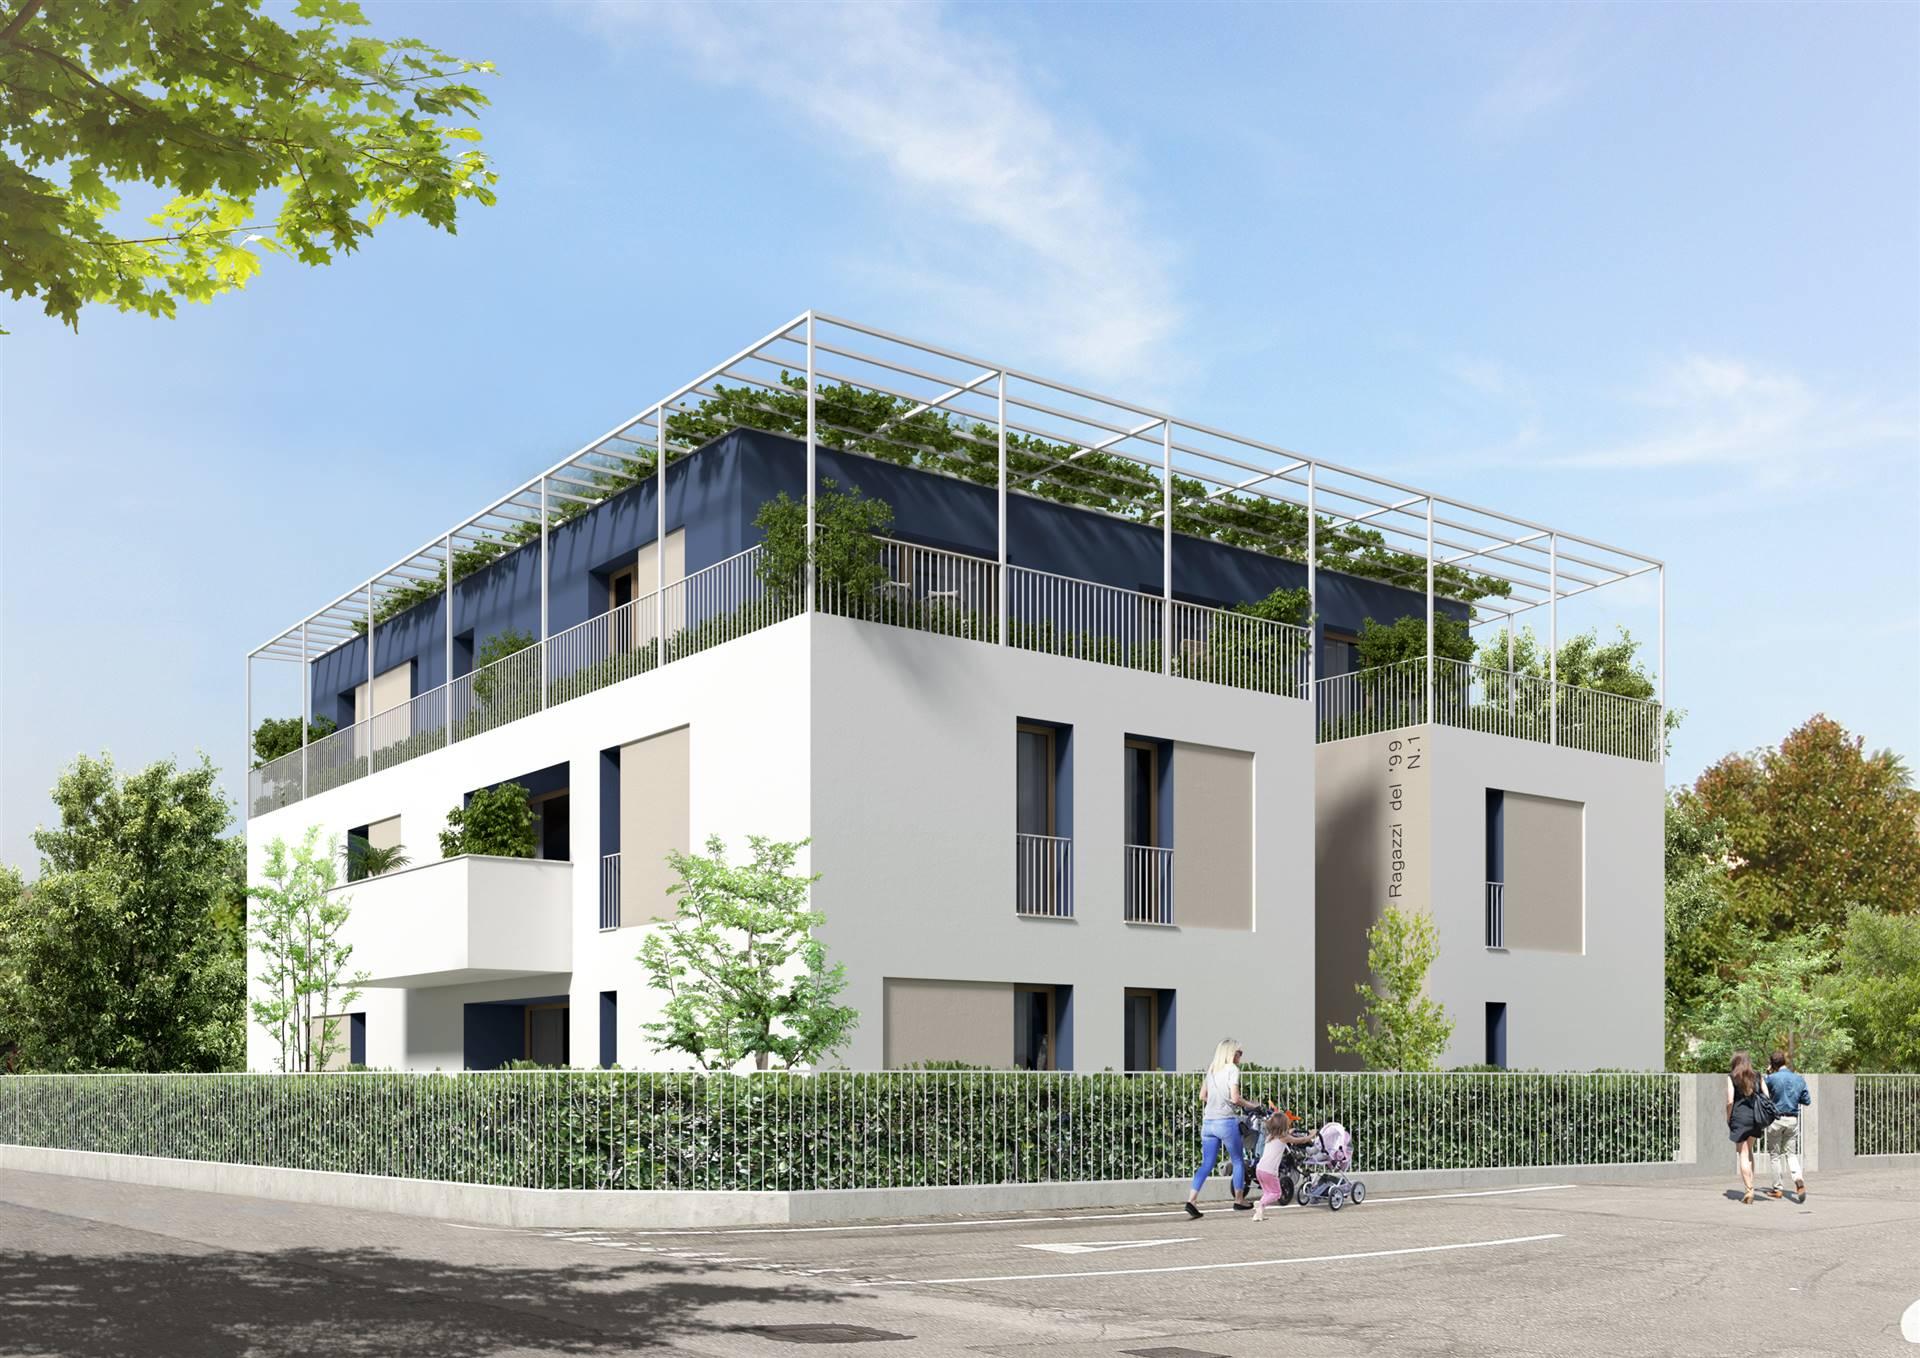 Appartamento in vendita a Montecchio Maggiore, 5 locali, prezzo € 265.000 | CambioCasa.it